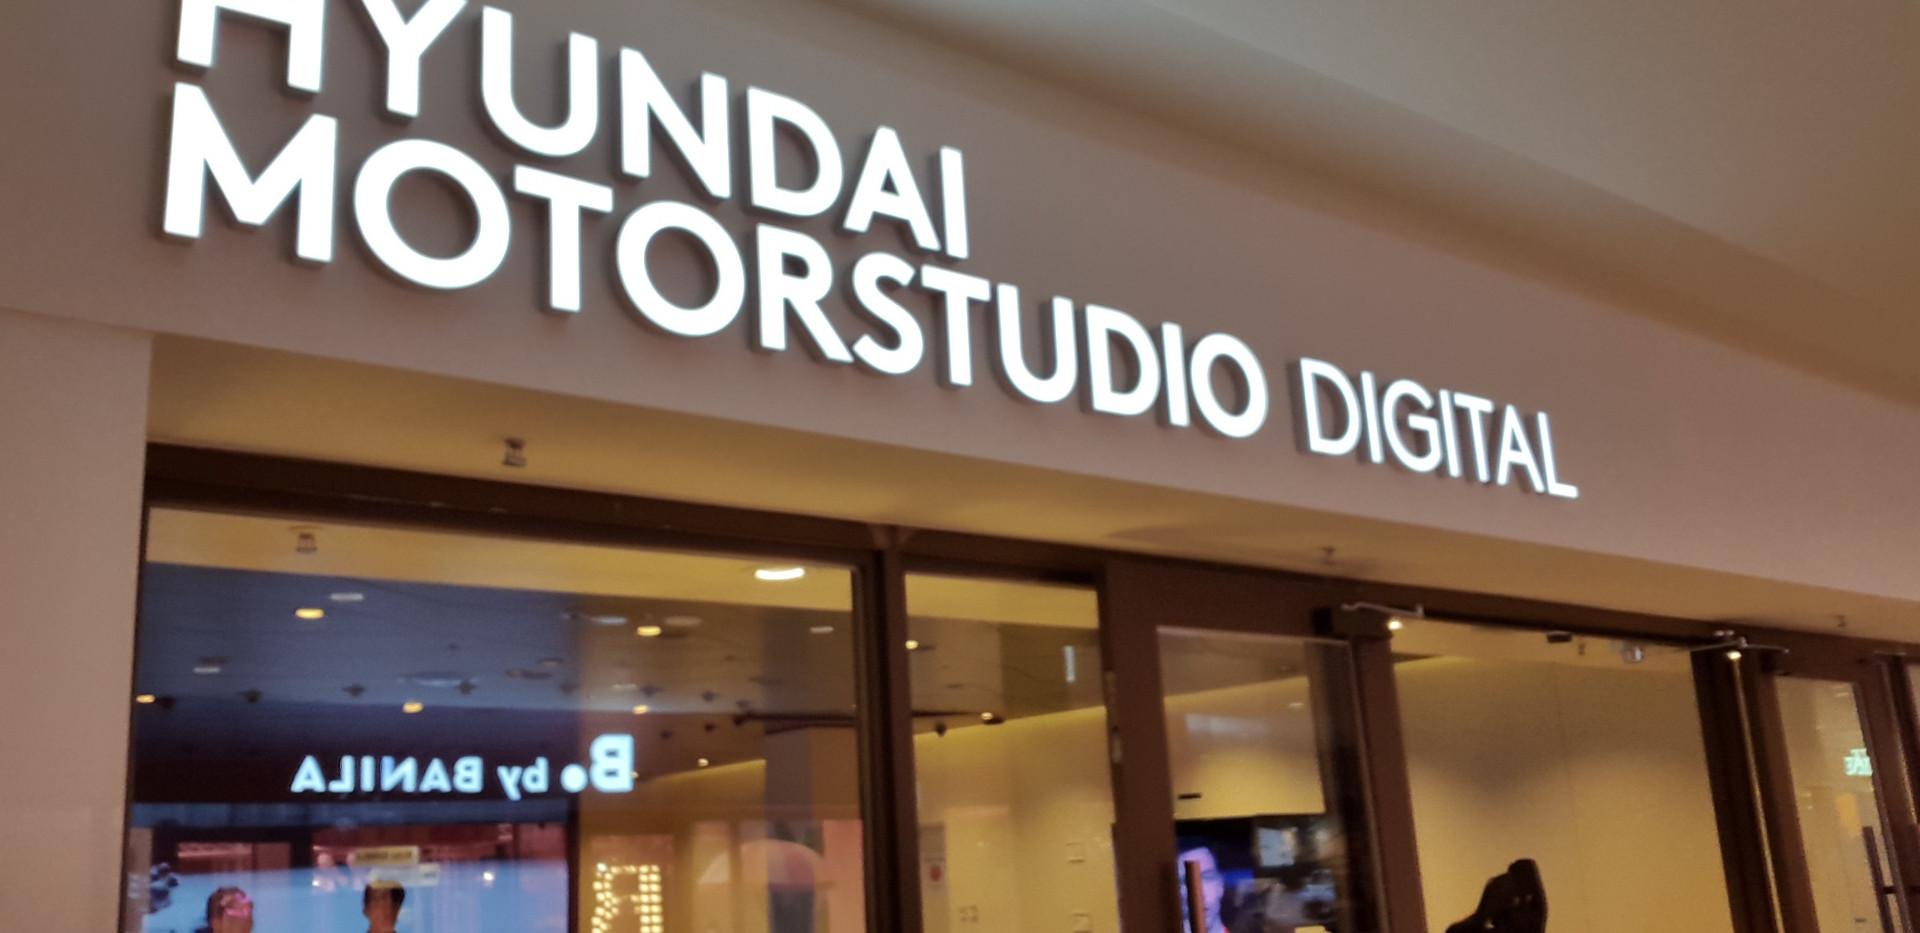 Hyundai motors studio-03.jpeg